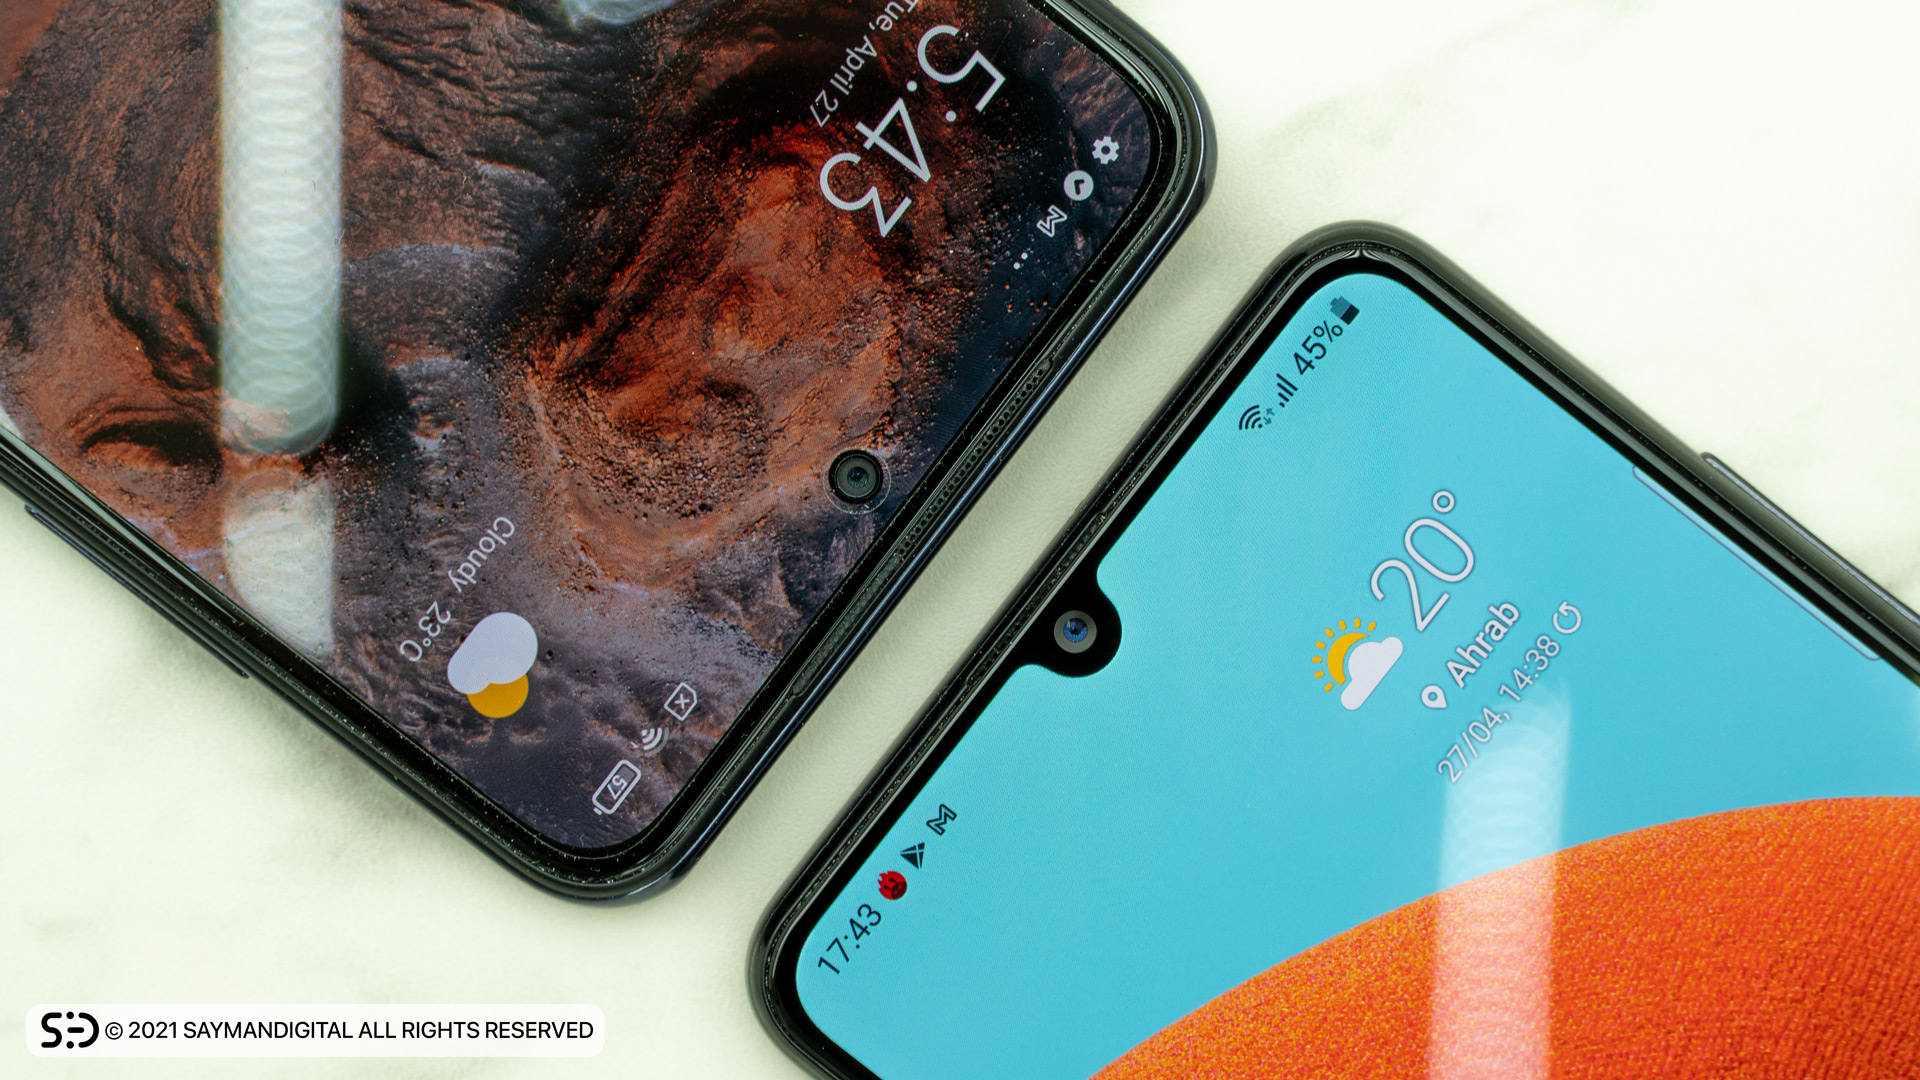 مقایسه نمایشگر دو گوشی در مطلب ردمی نوت 10 بخریم یا A32